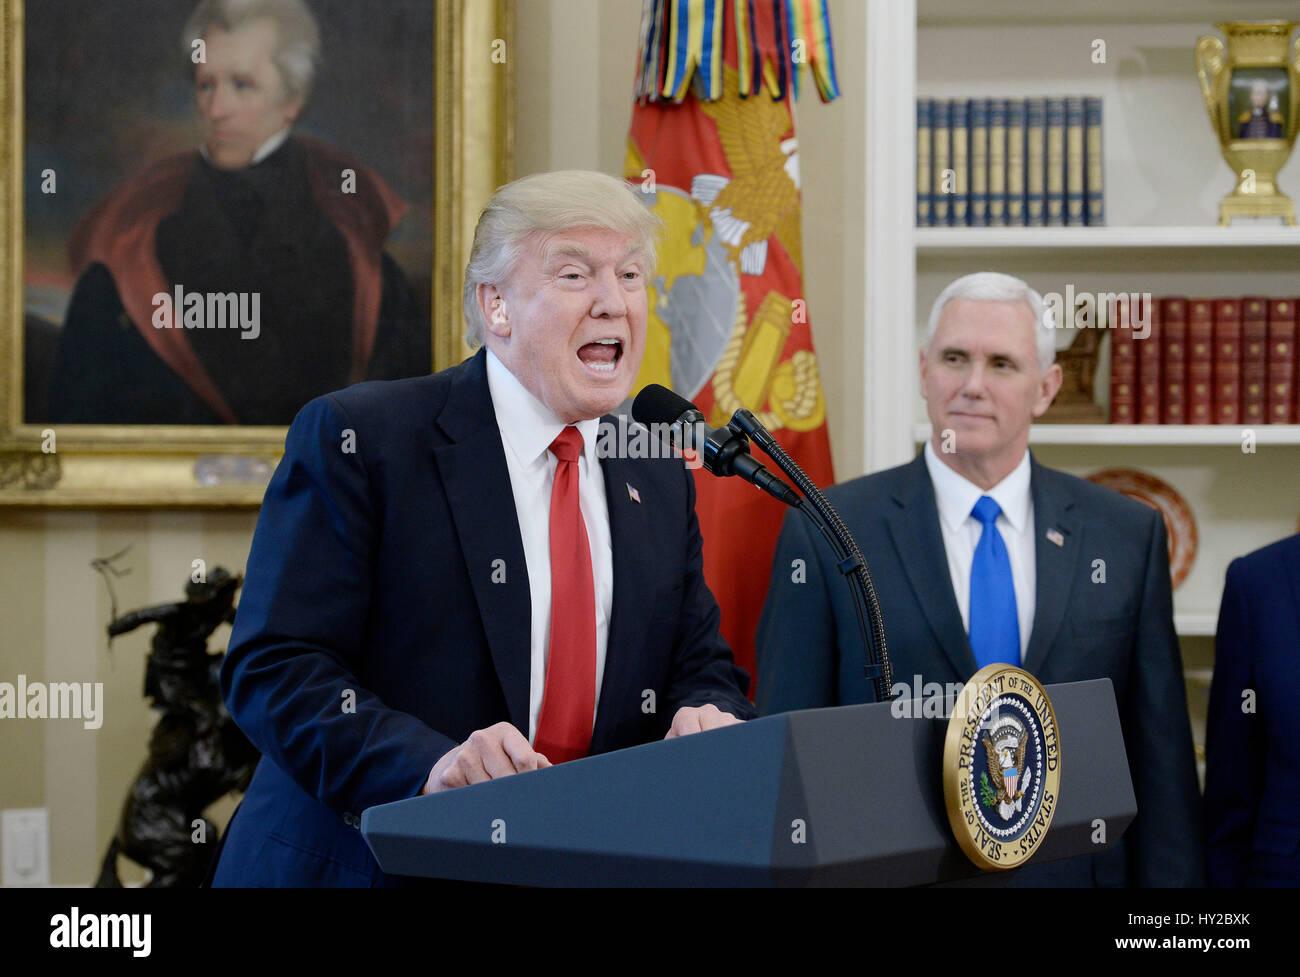 Washington DC, USA. 31 mars, 2017. Le Président des Etats-Unis, Donald Trump parle à propos du commerce Photo Stock